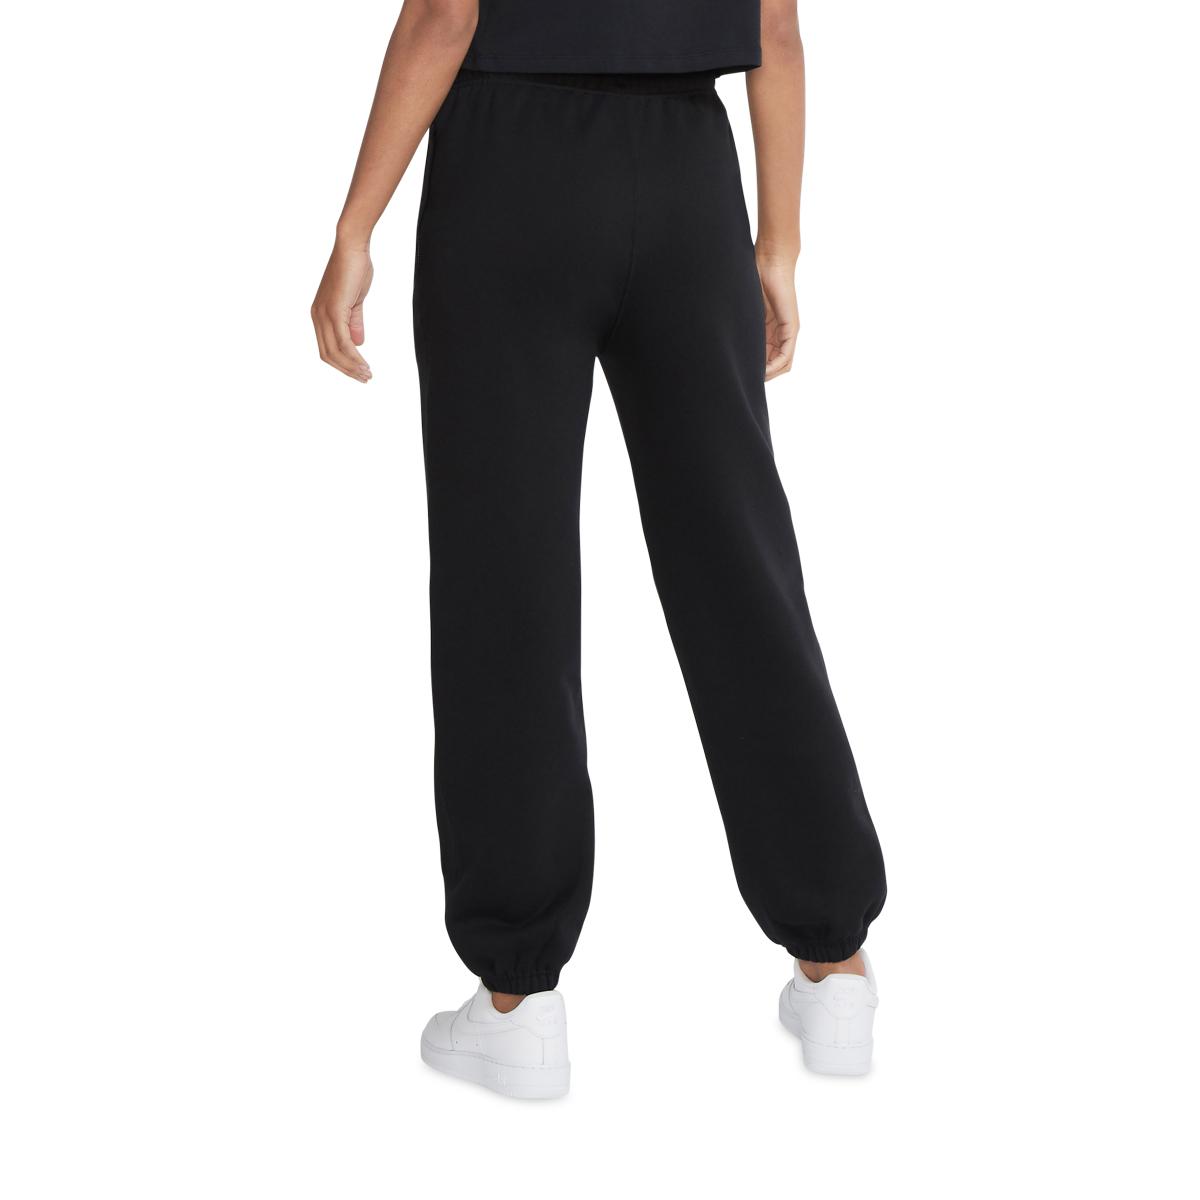 Nike Womens NRG Fleece Pants